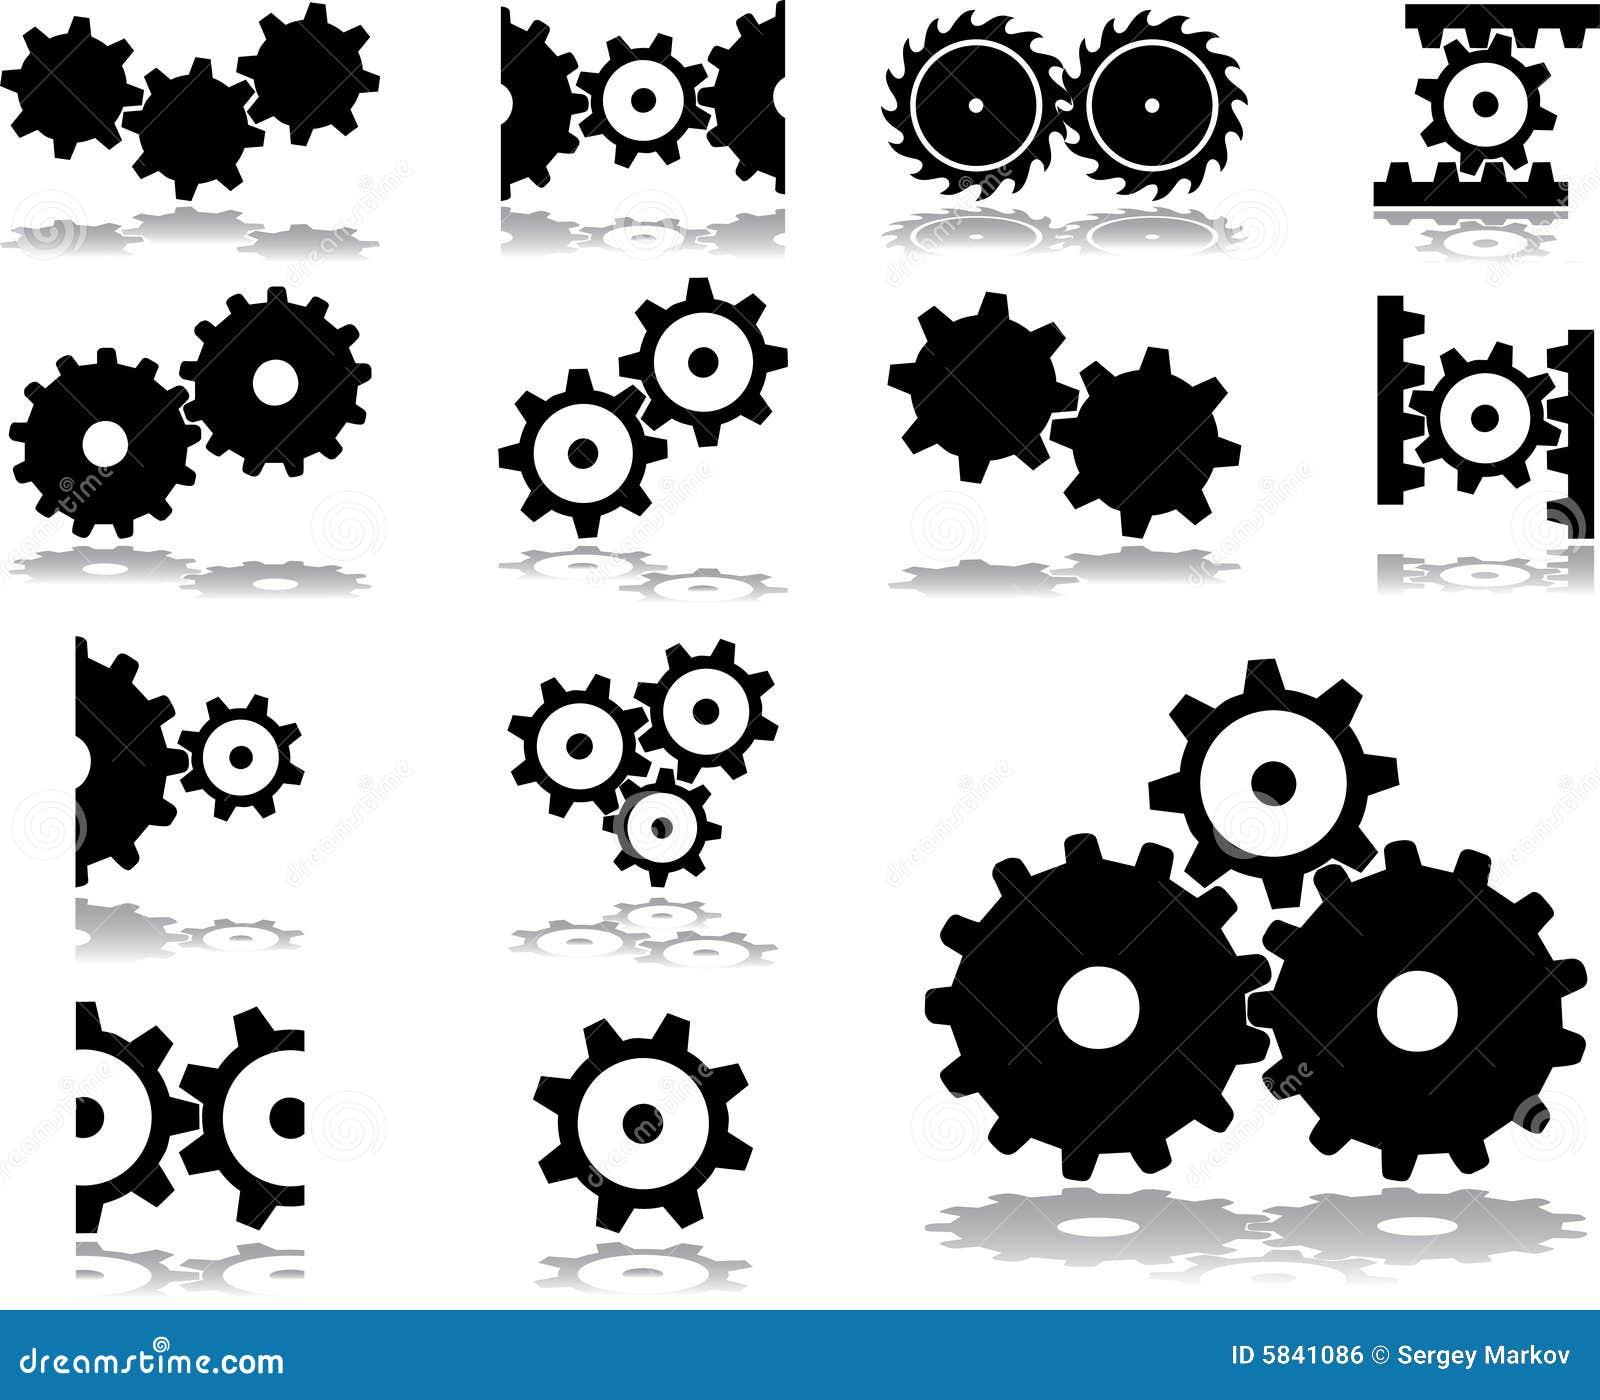 Vastgestelde pictogrammen - 31. Toestellen